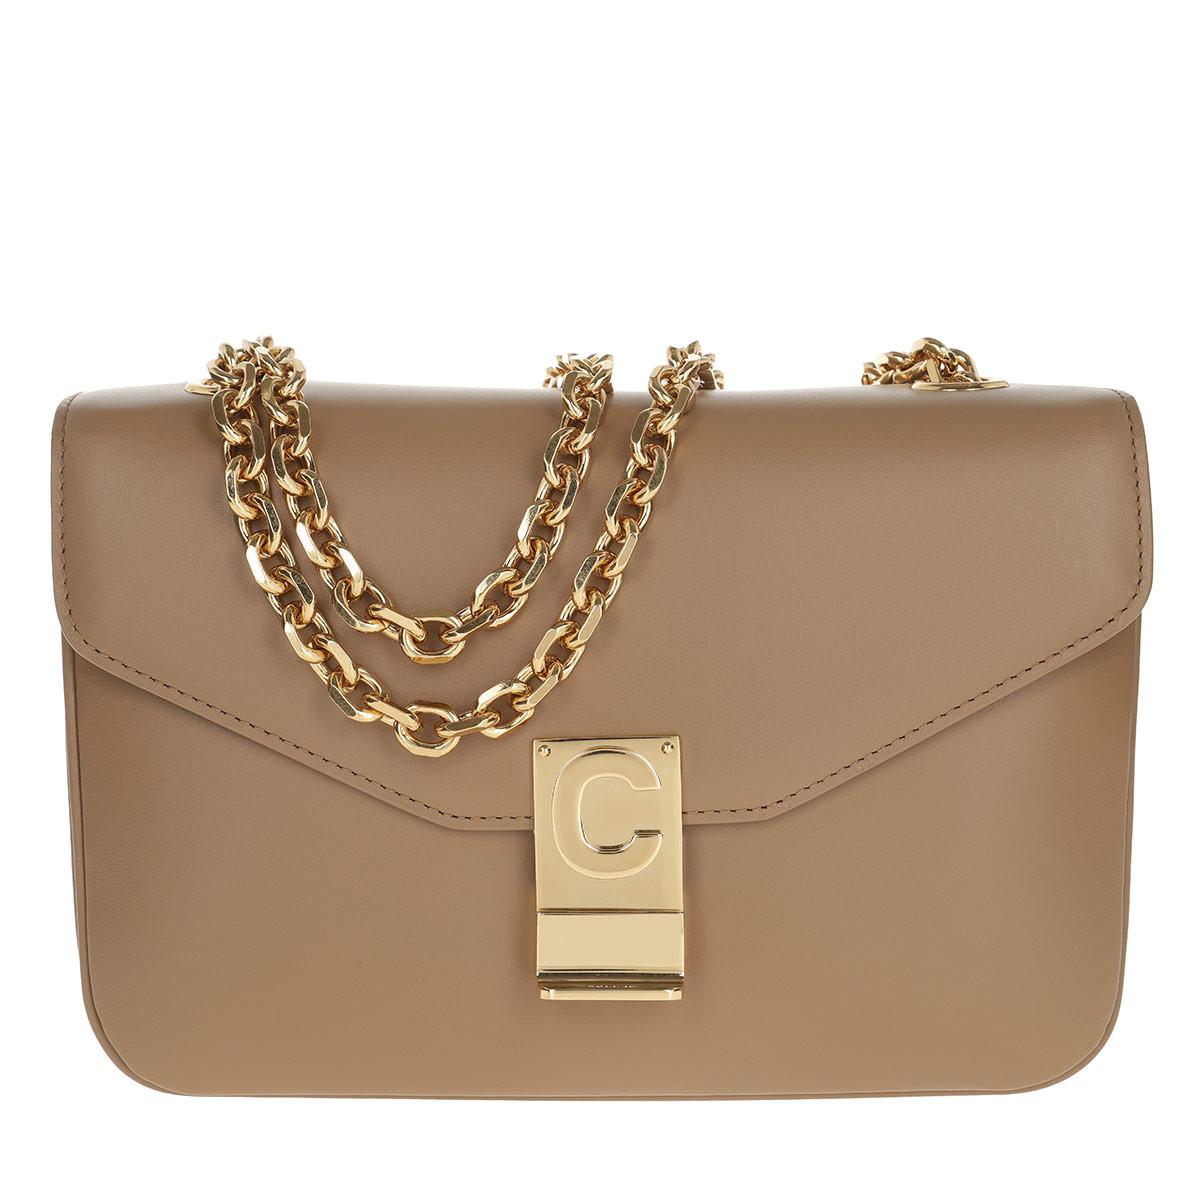 Celine Umhängetasche - C Bag Medium Calfskin Light Camel - in beige - für Damen